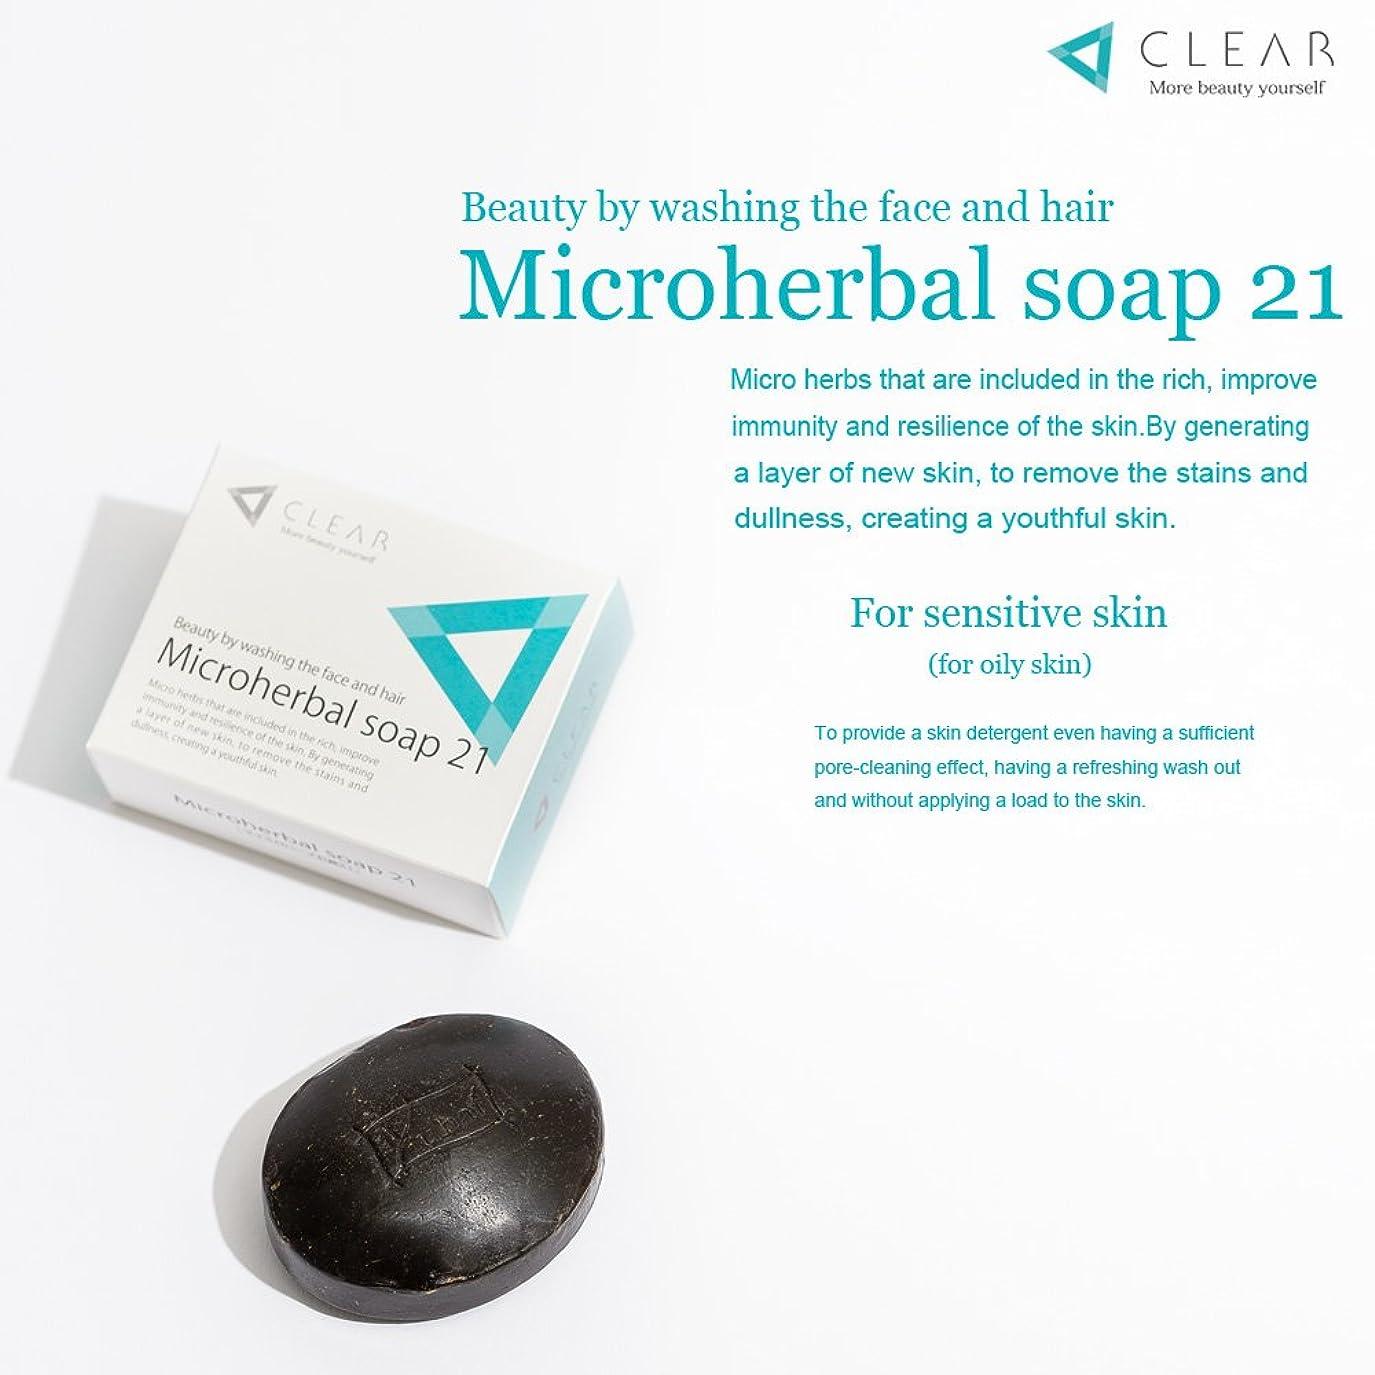 送信するストッキングパーティー「マイクロハーブ石鹸21?敏感肌用」(敏感肌にやさしくすっきり肌と頭皮ケア)94g/個